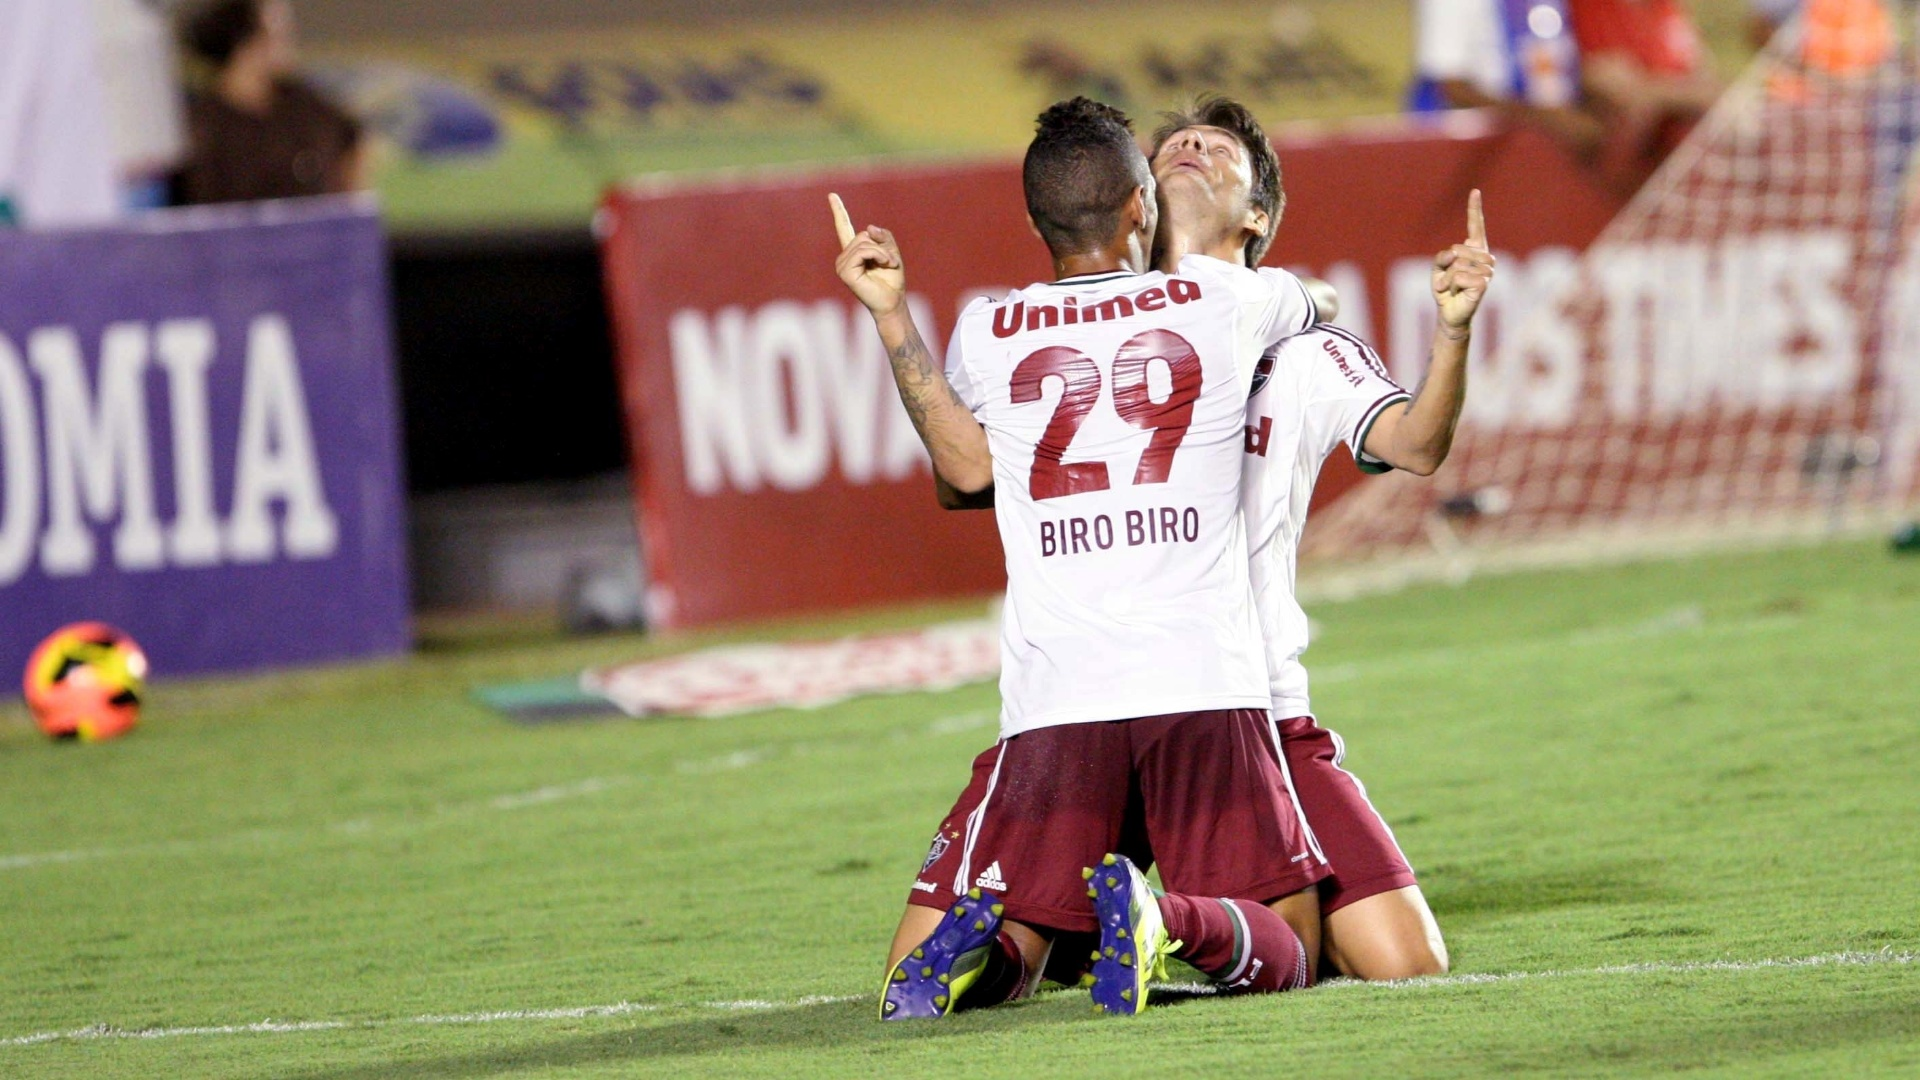 28.set.2013 - Jogadores do Fluminense celebram o segundo gol marcado pelo clube contra o Goiás em jogo do Campeonato Brasileiro